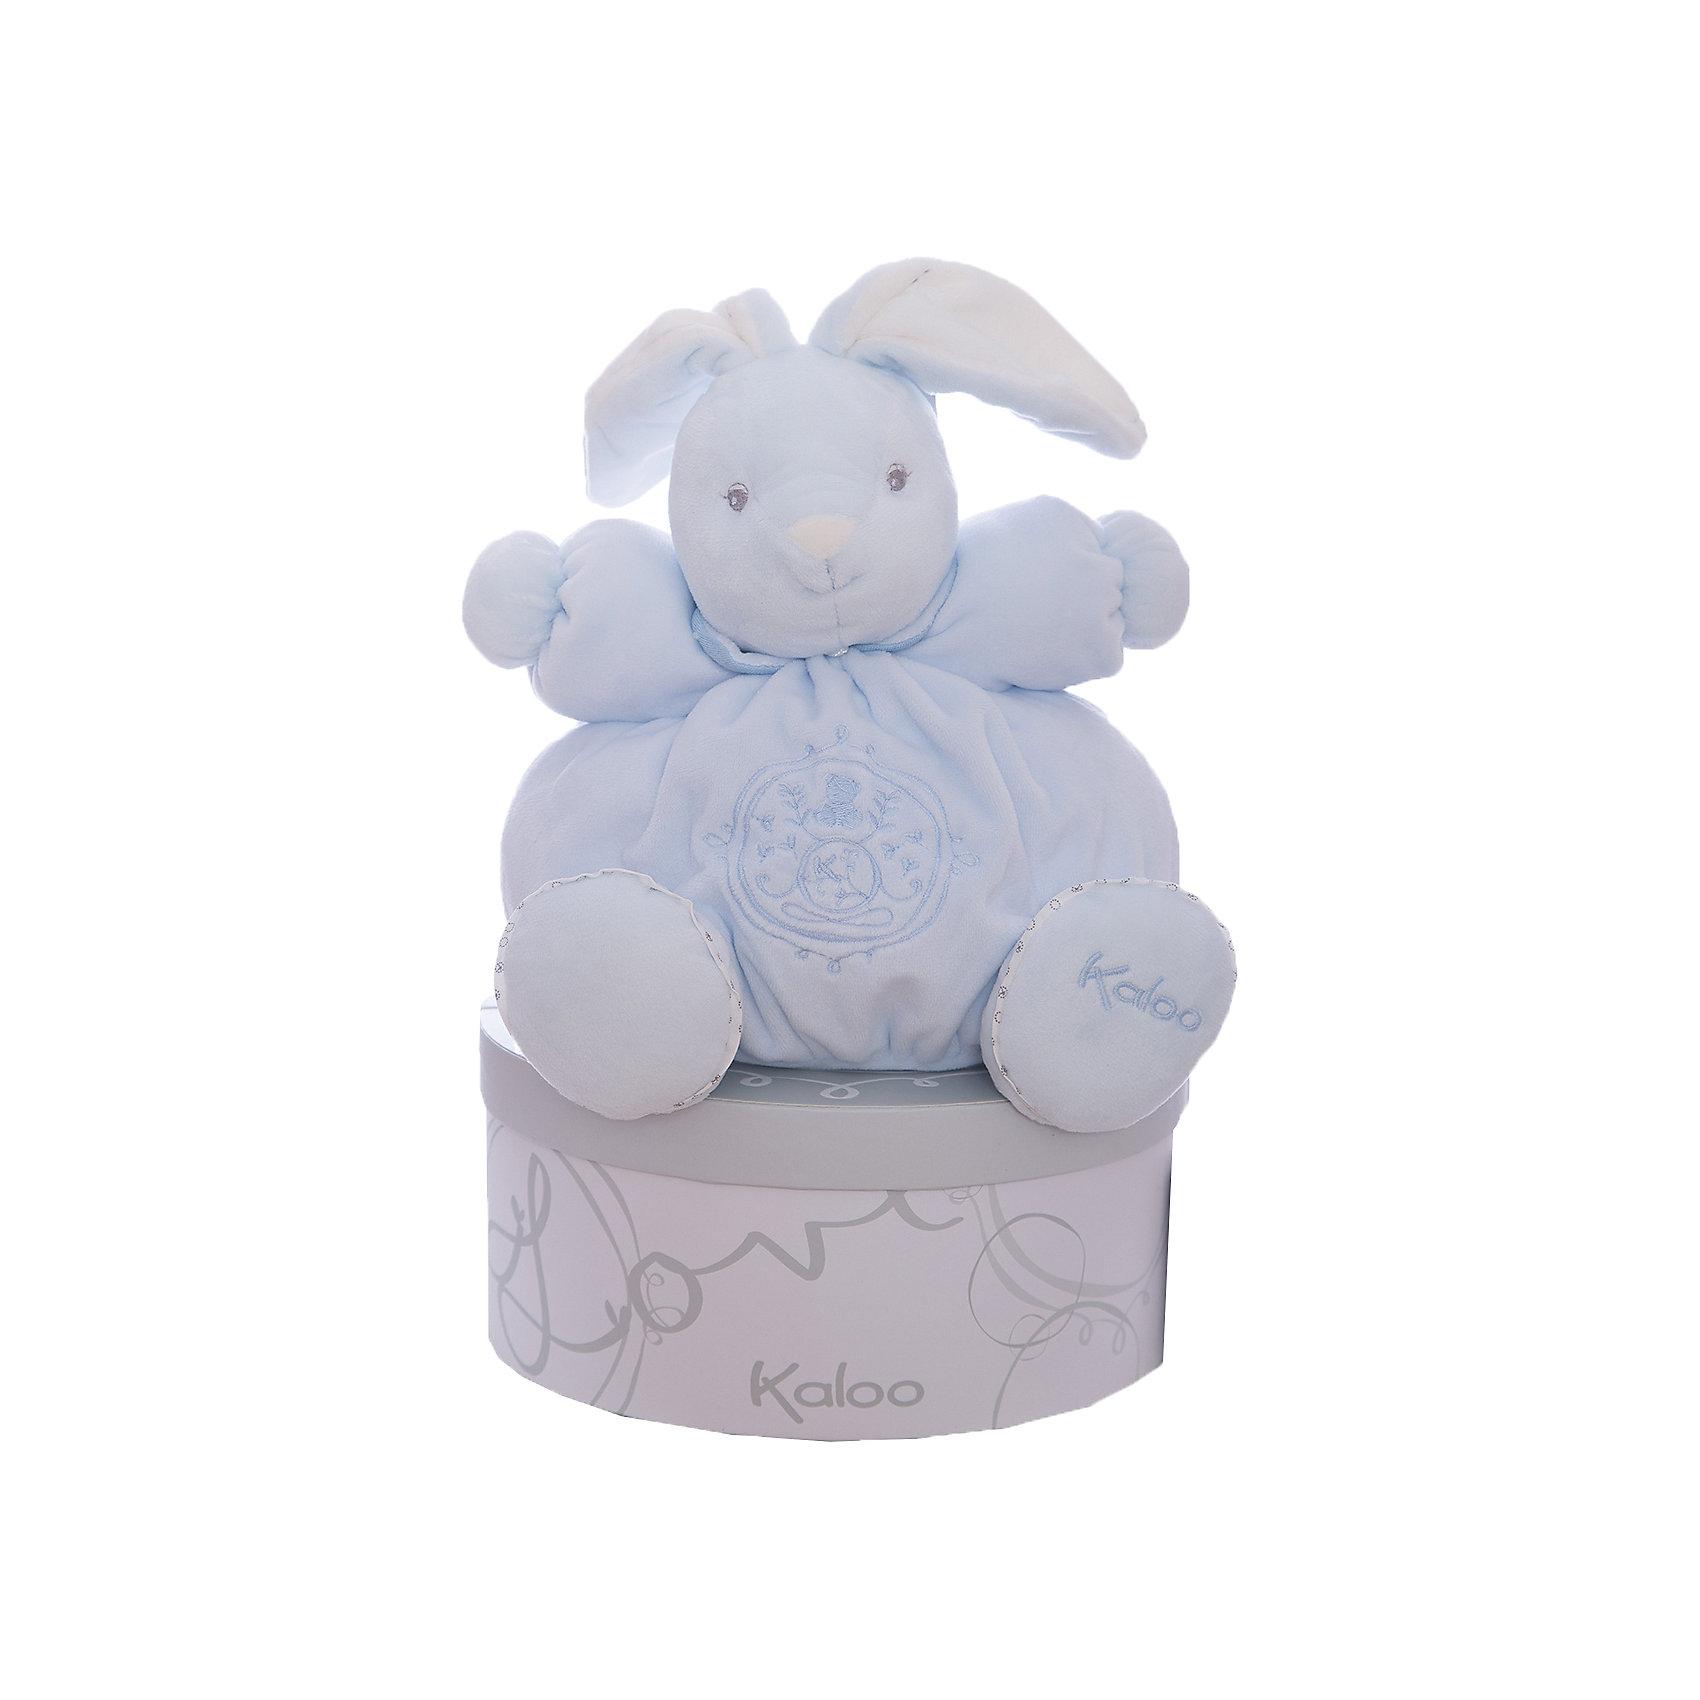 Заяц средний голубой, коллекция Жемчуг, KalooЗайцы и кролики<br>Зайчонок Kaloo - очаровательная мягкая игрушка голубого цвета, выполнена из мягкого бархатистого меха высокого качества, и украшена вышивкой.<br>Длинные ушки и симпатичная мордочка покорят сердце любого ребенка, и заяц станет его любимой игрушкой на долгие годы. <br><br>Дополнительная информация:<br><br>-Материал: ткань, искусственный мех<br>-Высота игрушки: 25 см<br>-Вес: 0.3 кг<br>-Размер упаковки: диаметр 22 см<br><br>Среднего голубого зайца, коллекции Жемчуг, Kaloo можно купить в нашем интернет-магазине.<br><br>Ширина мм: 285<br>Глубина мм: 50<br>Высота мм: 285<br>Вес г: 400<br>Возраст от месяцев: 0<br>Возраст до месяцев: 1188<br>Пол: Унисекс<br>Возраст: Детский<br>SKU: 4862335